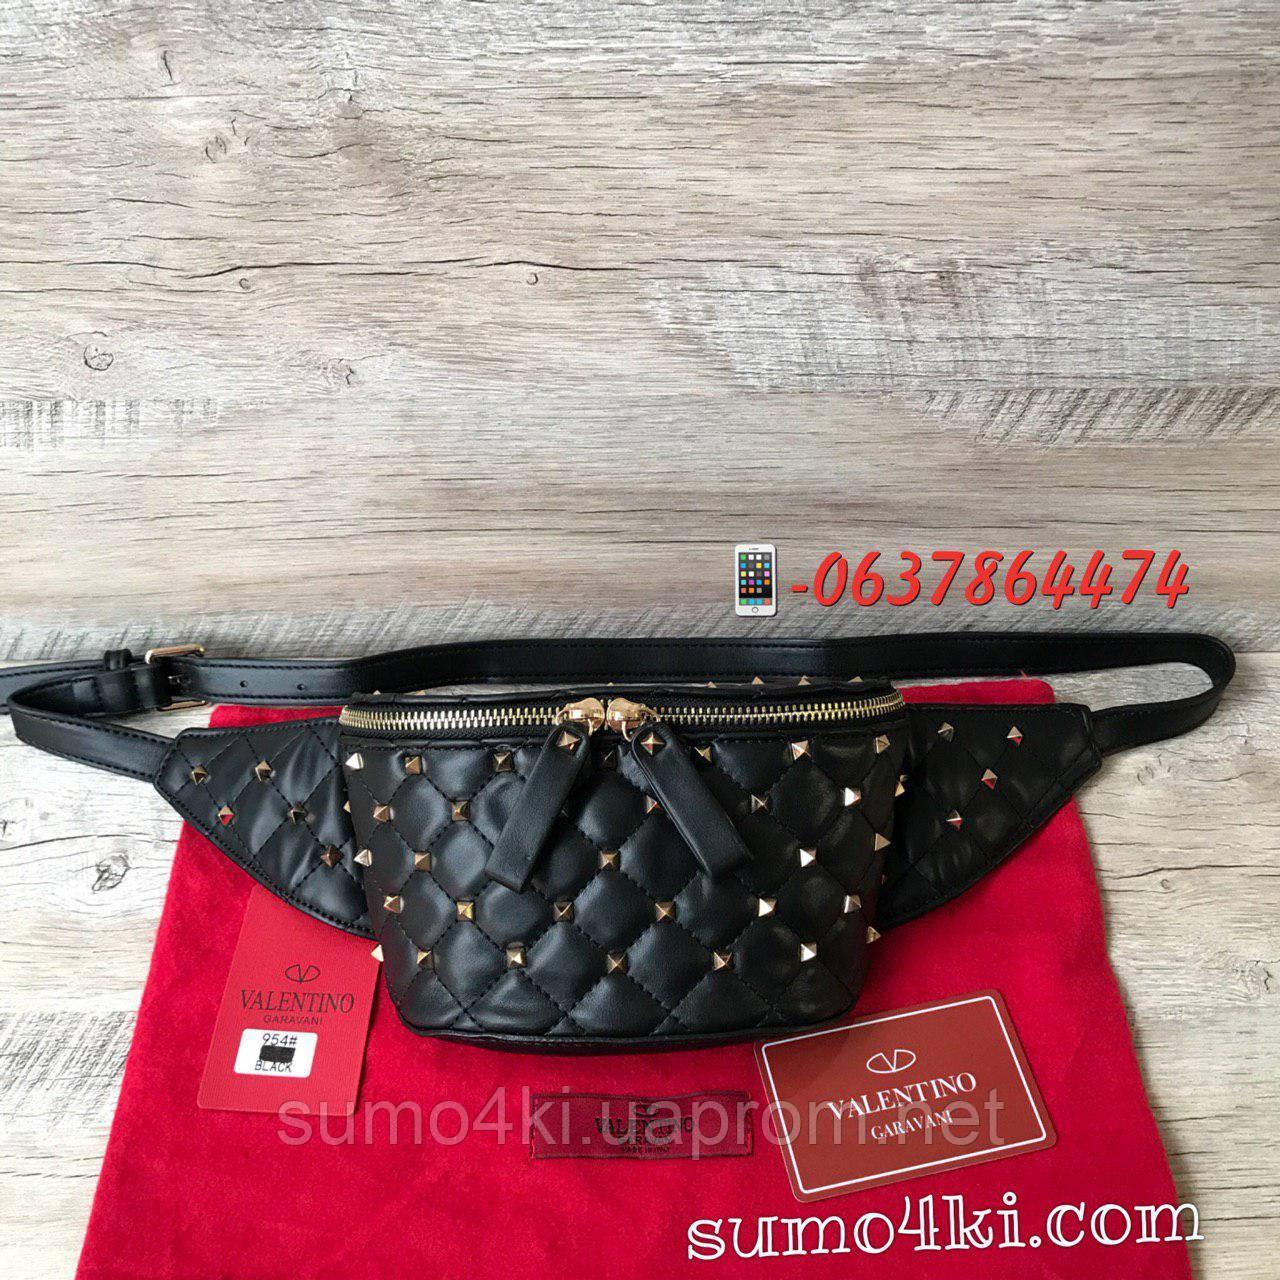 8100922d7e2f3a Купить Женскую поясную сумку (бананка) Valentino оптом и в розницу в ...